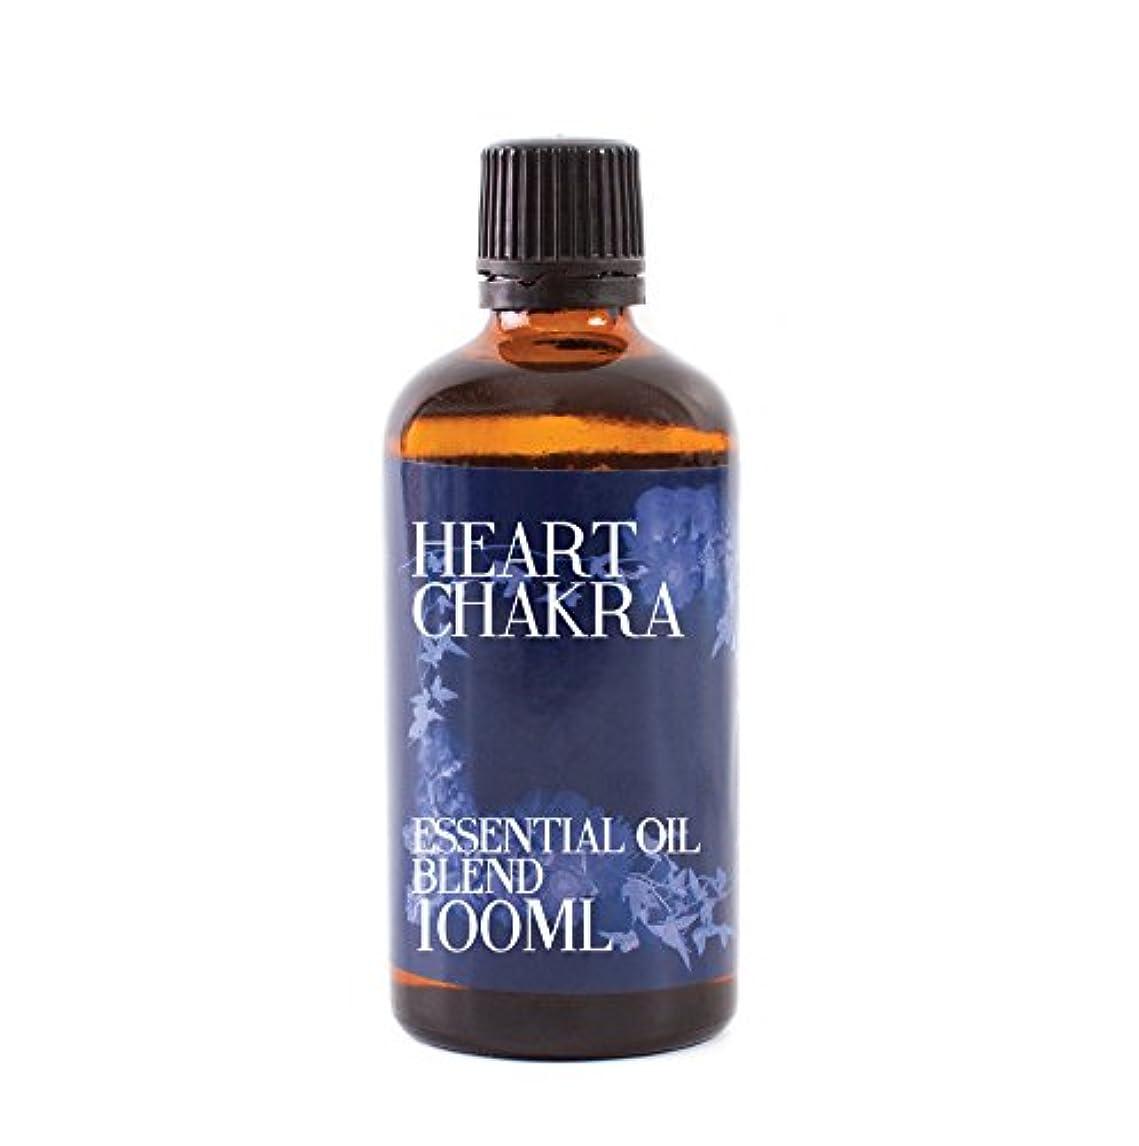 限られたアラブサラボクリーナーMystic Moments | Heart Chakra | Essential Oil Blend - 100ml